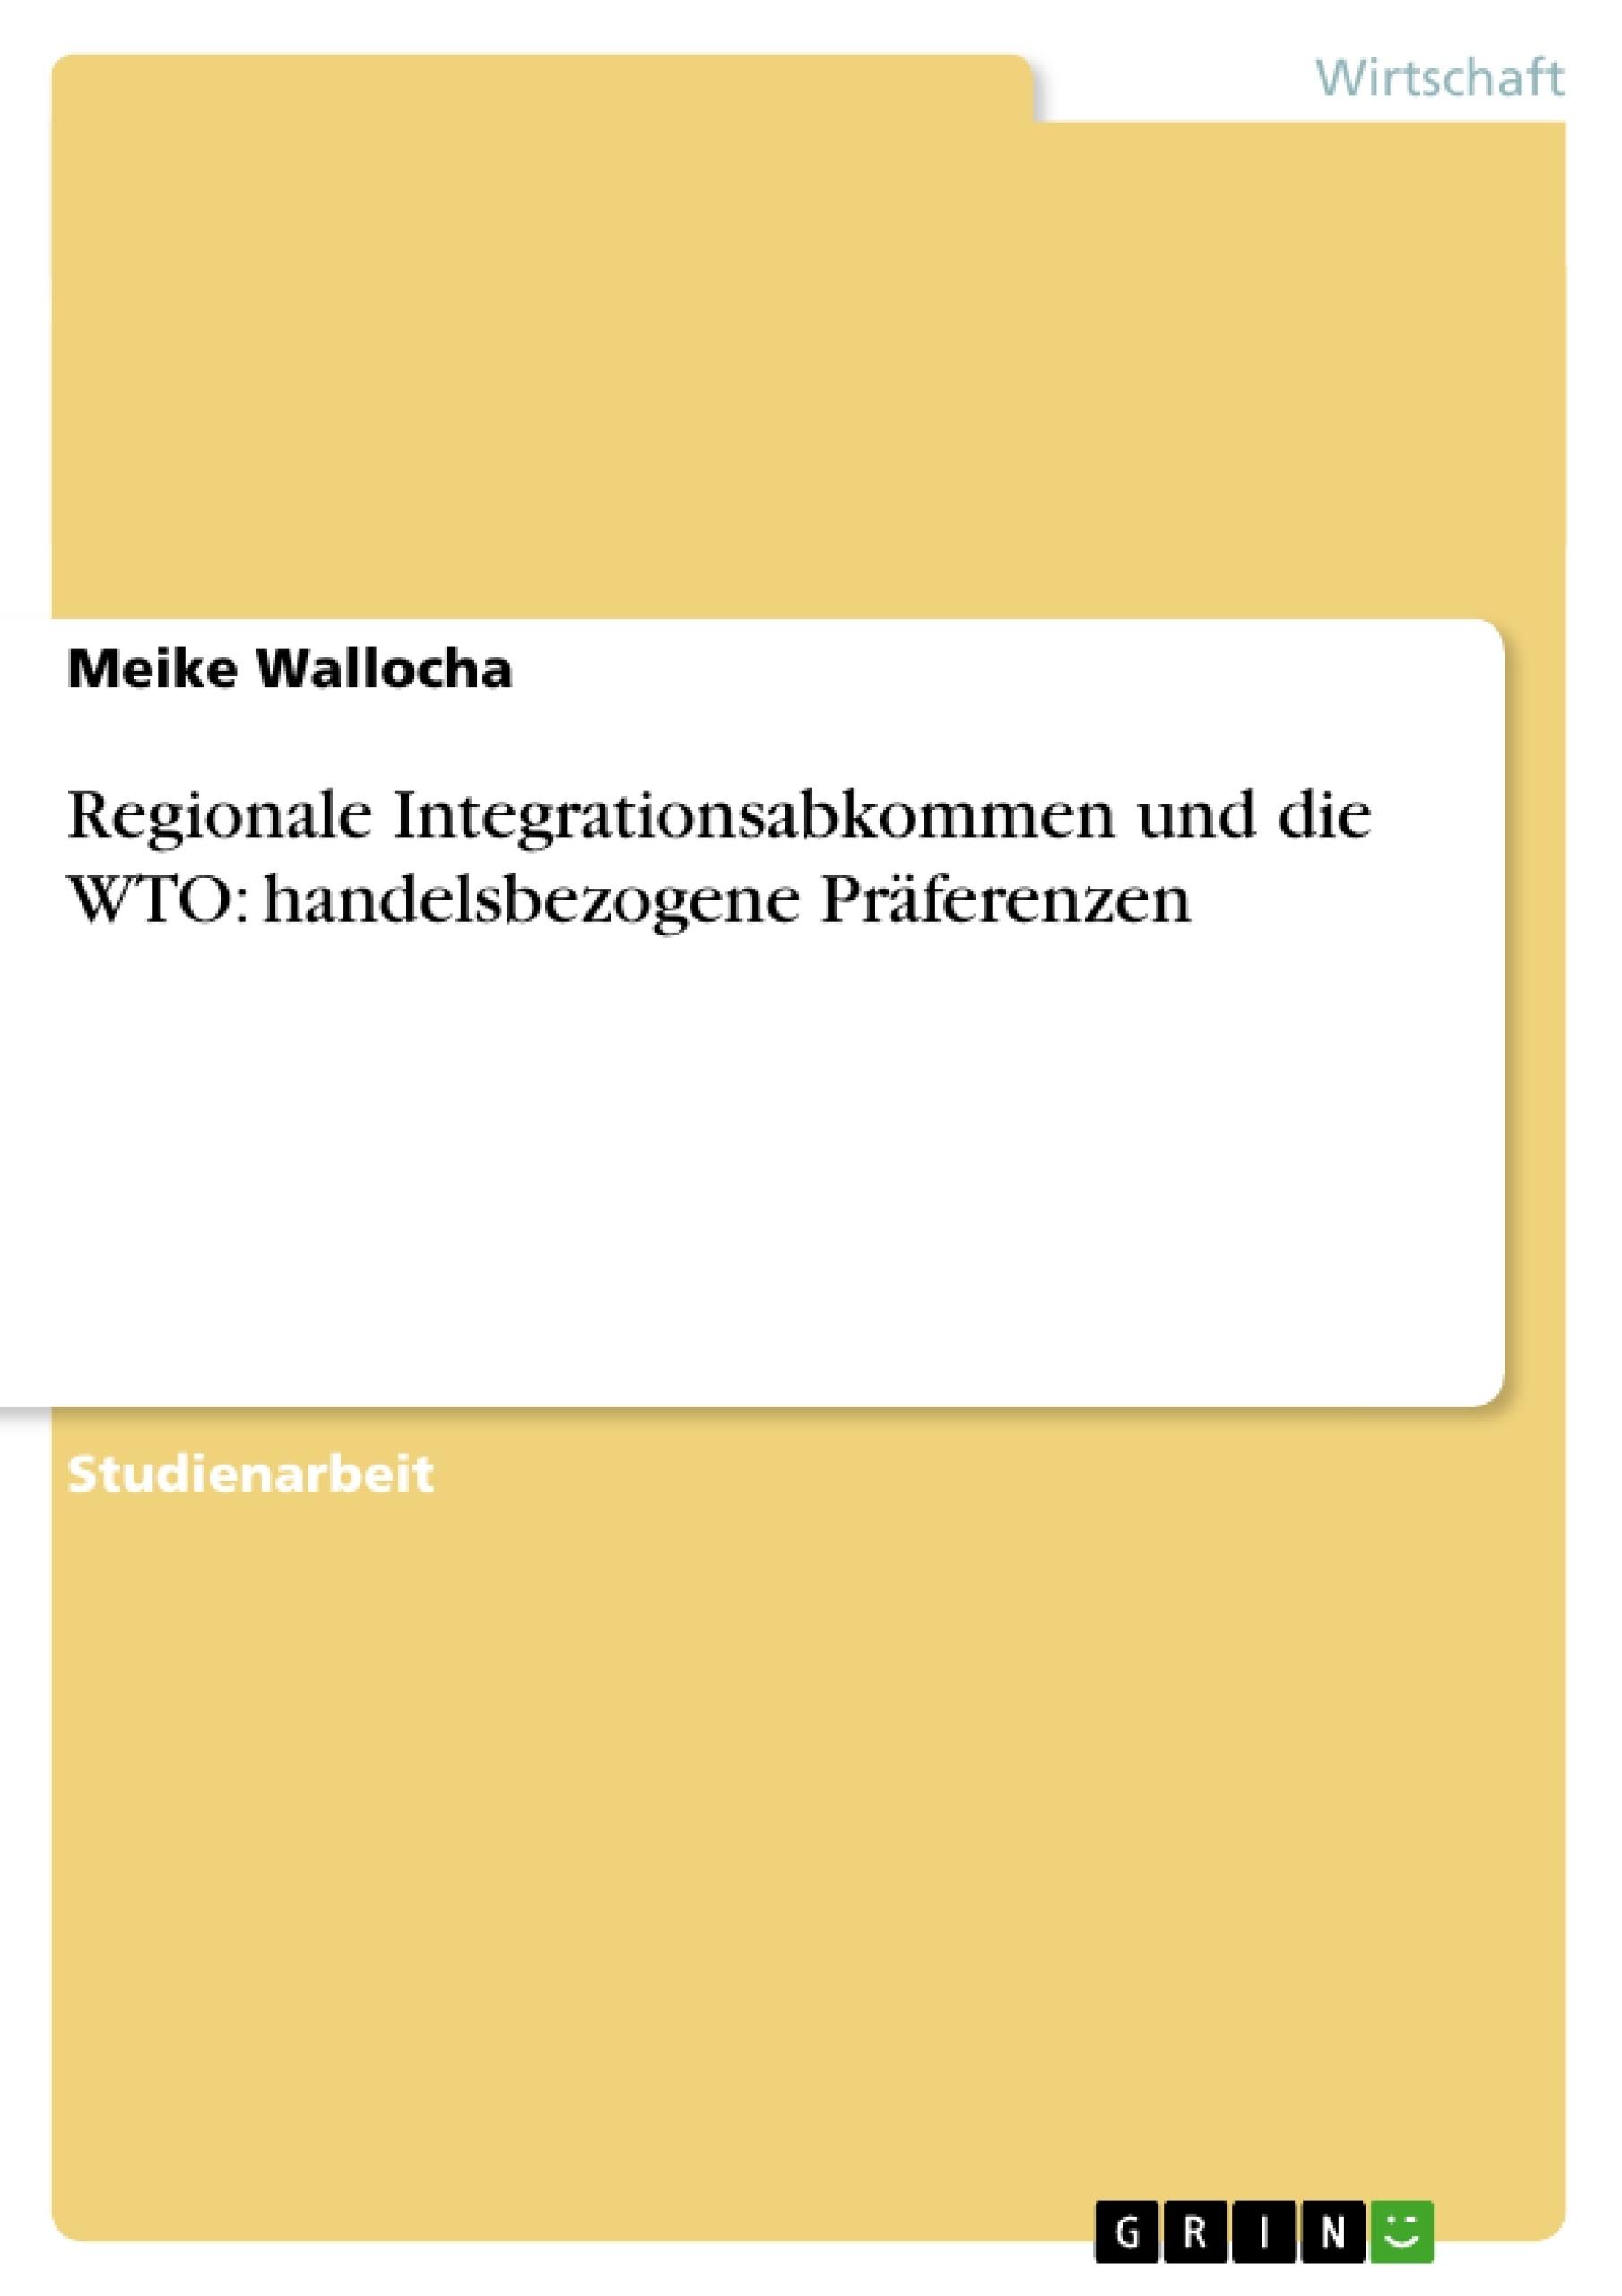 Titel: Regionale Integrationsabkommen und die WTO: handelsbezogene Präferenzen